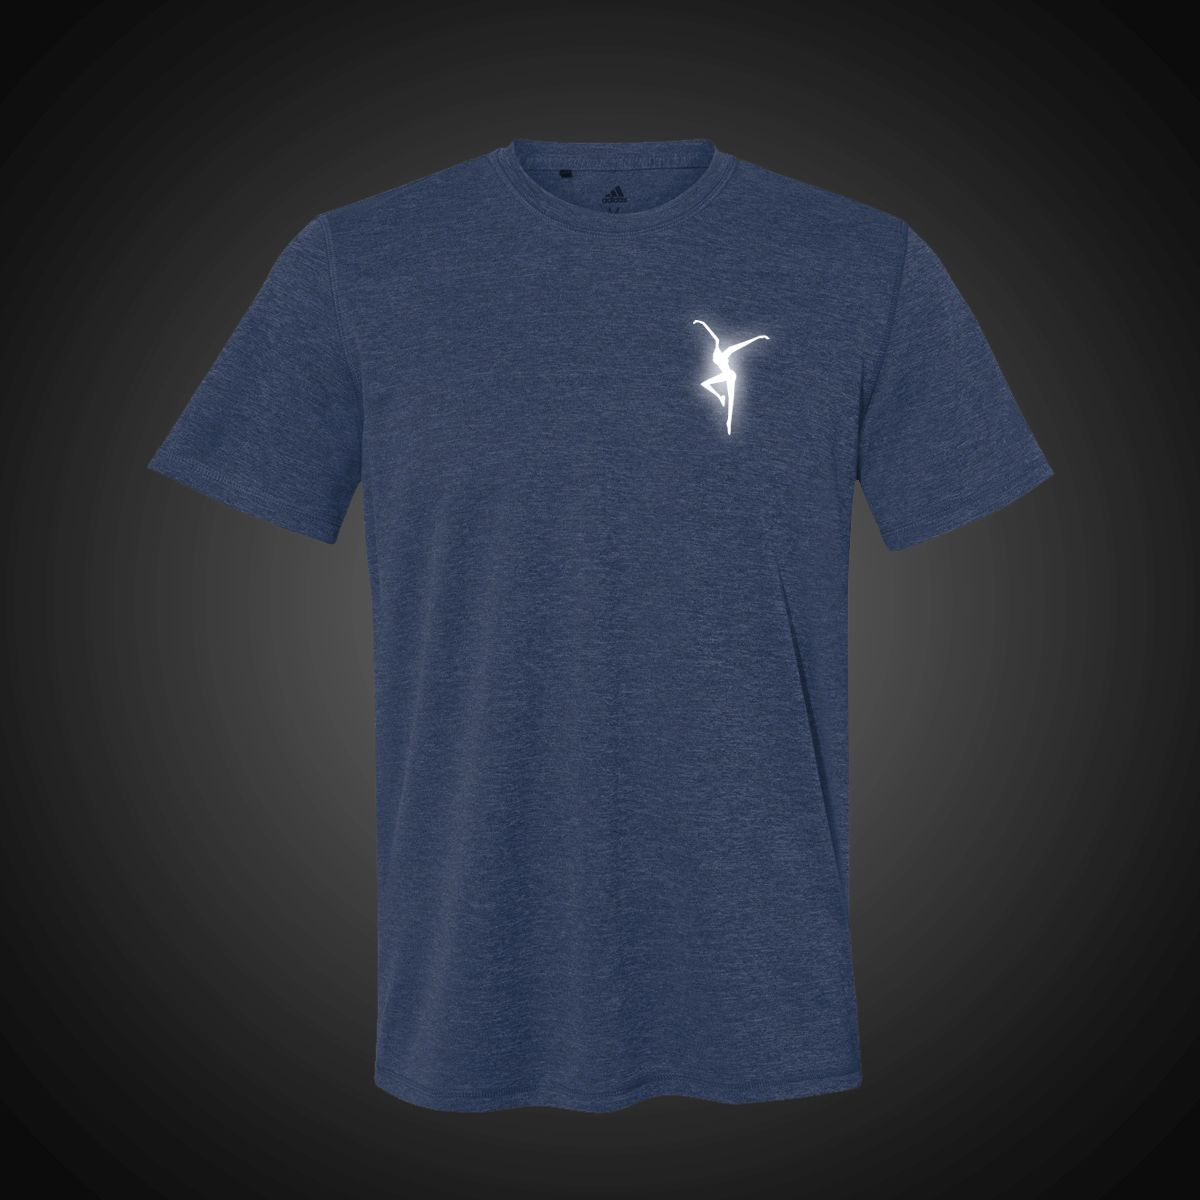 Reflective Firedancer Adidas Sport Shirt - Blue